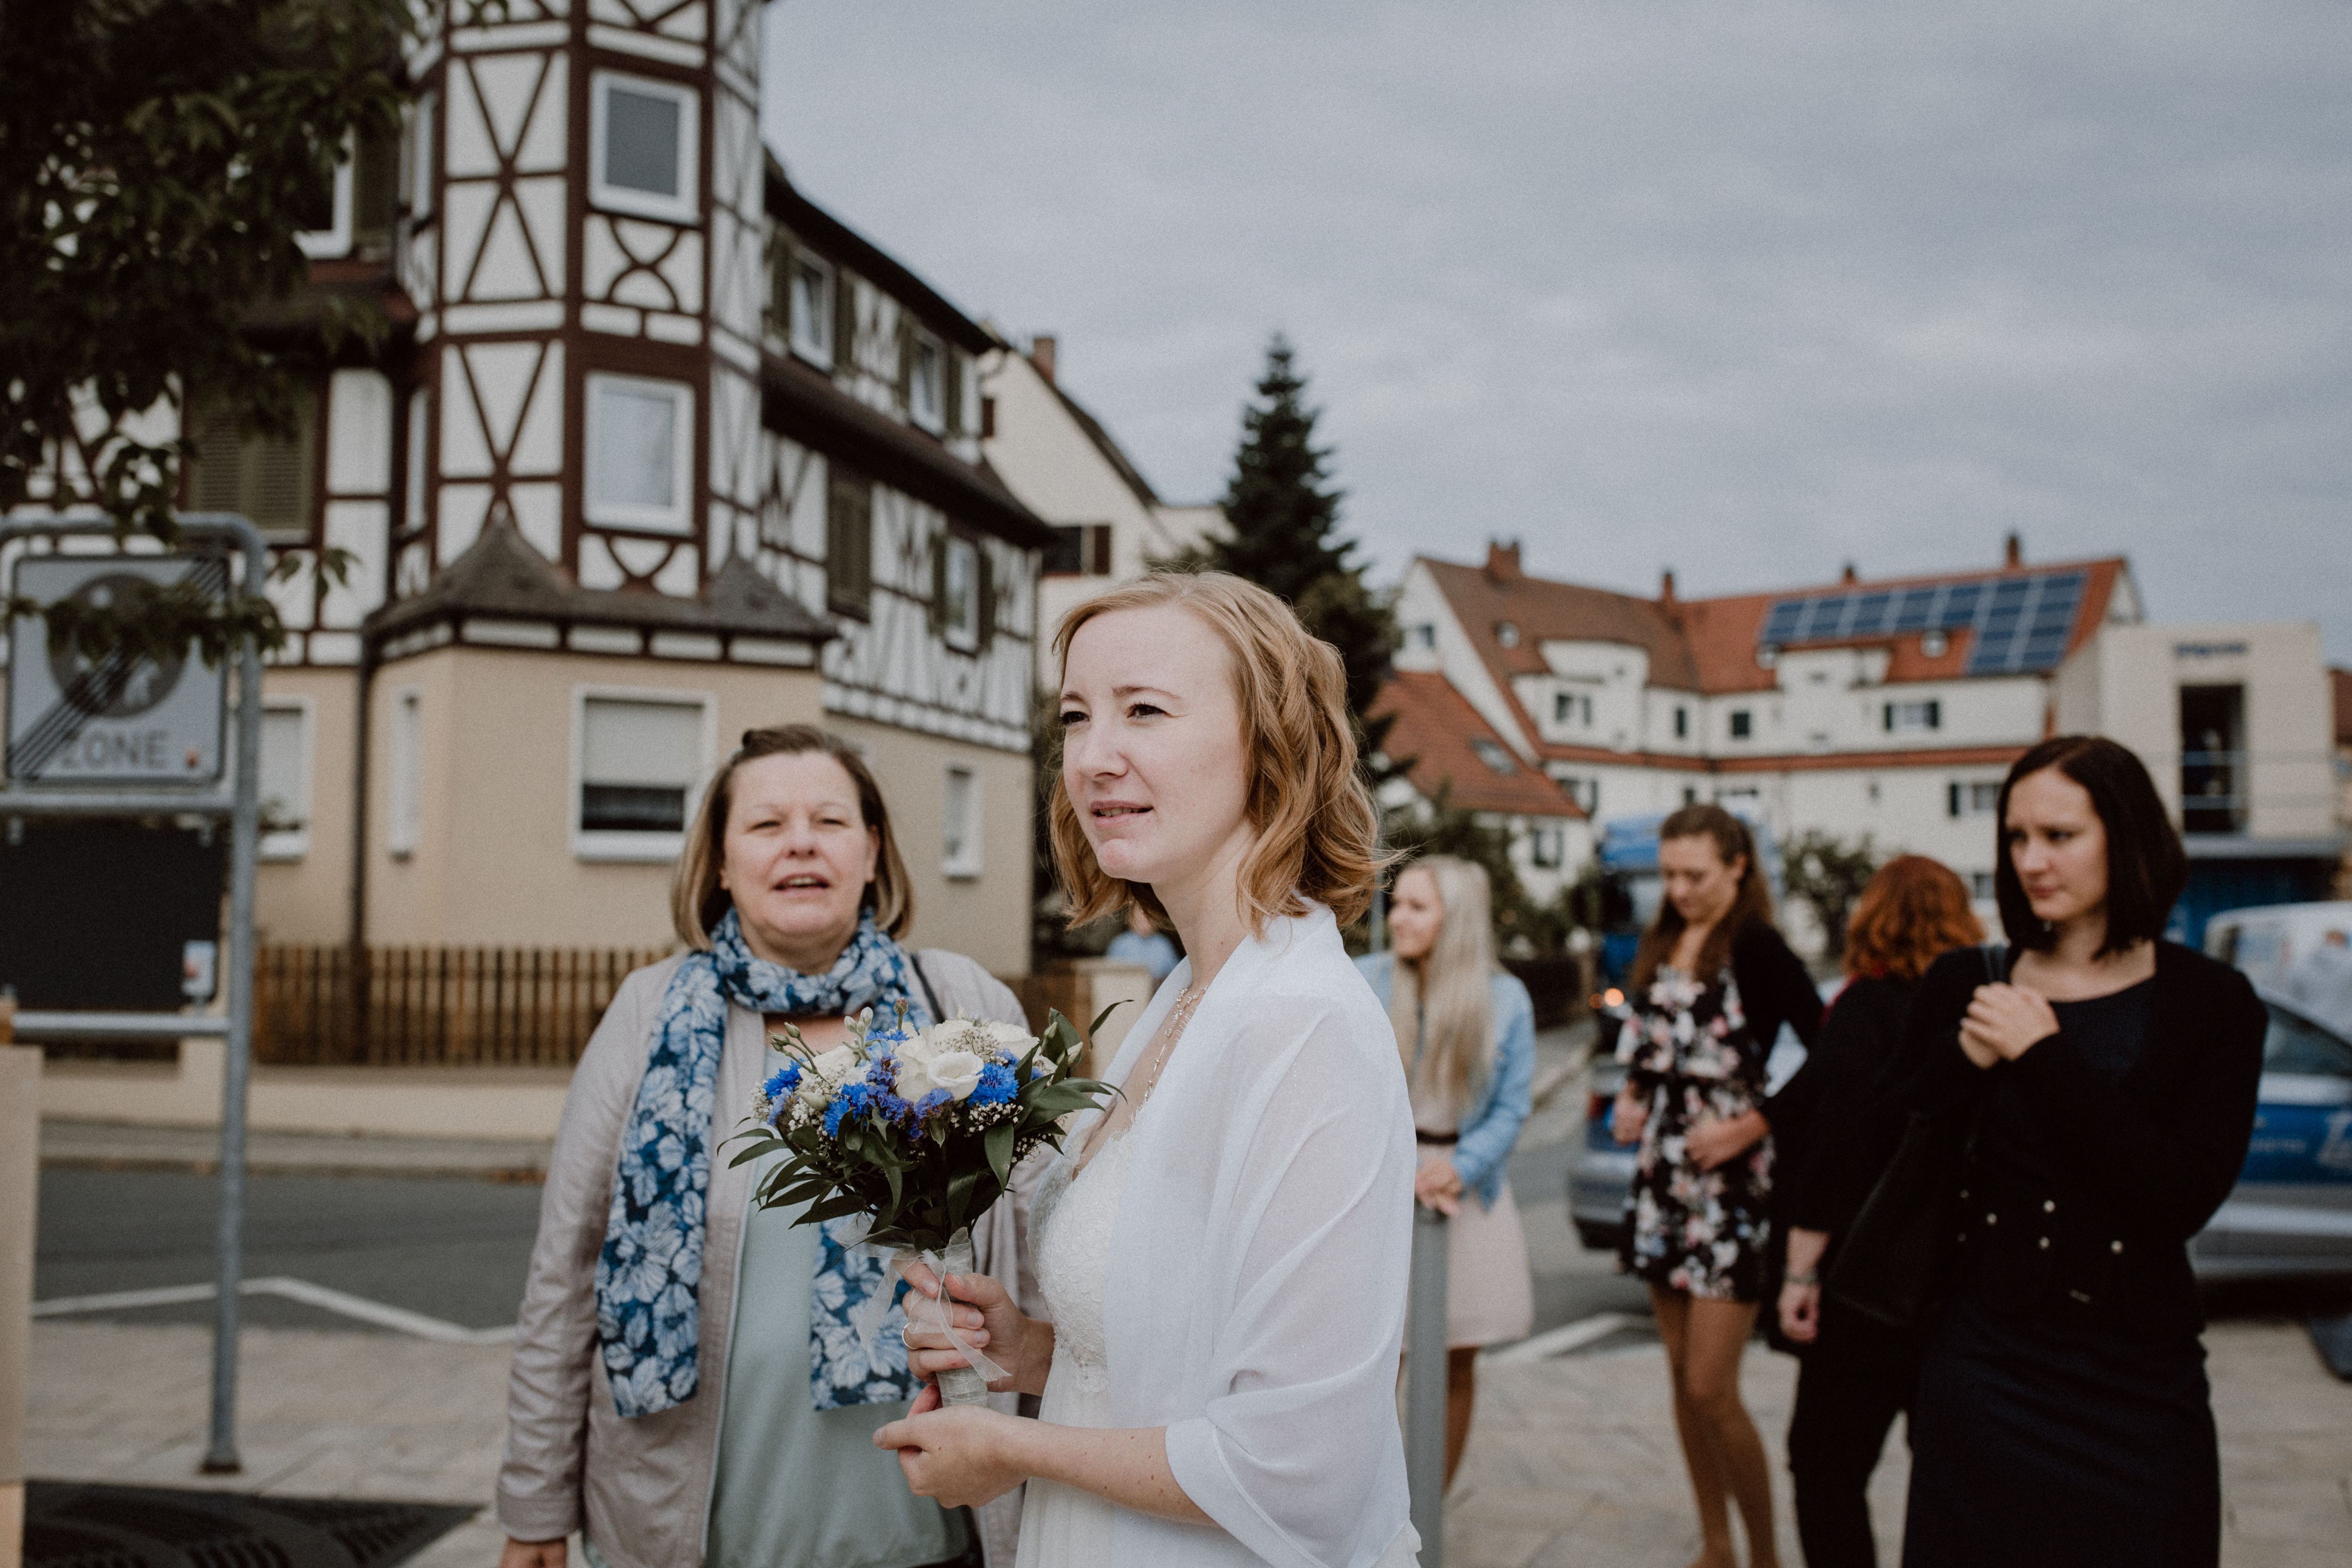 URBANERIE_Daniela_Goth_Hochzeitsfotografin_Nürnberg_Fürth_Erlangen_Schwabach_17907_0213